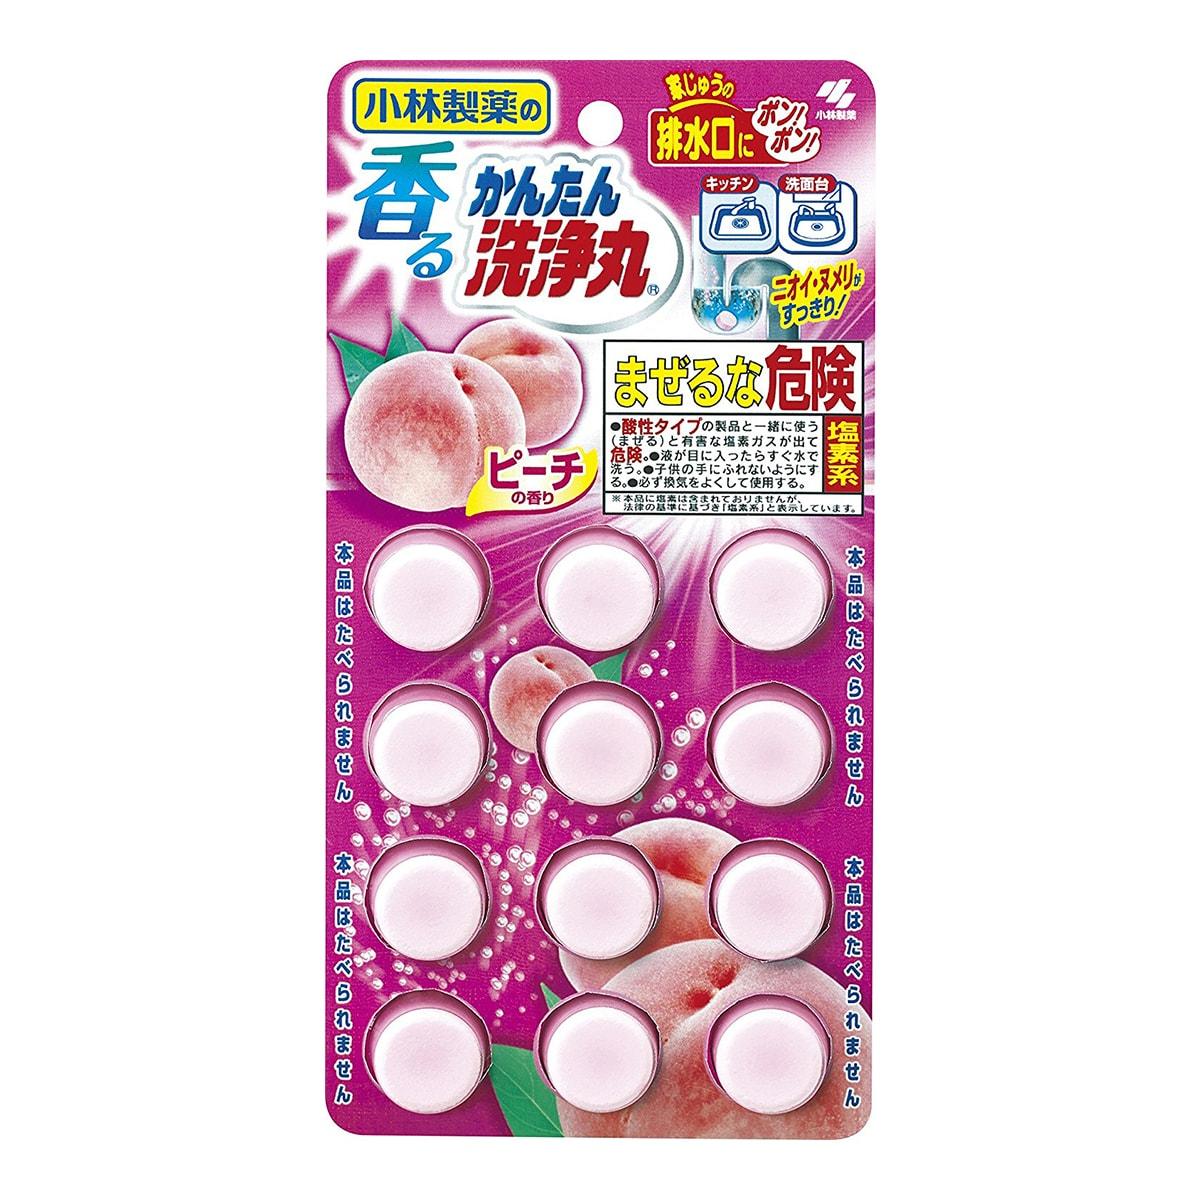 日本KOBAYASHI小林制药 多功能强力下水道清洗丸 水蜜桃香 12枚入